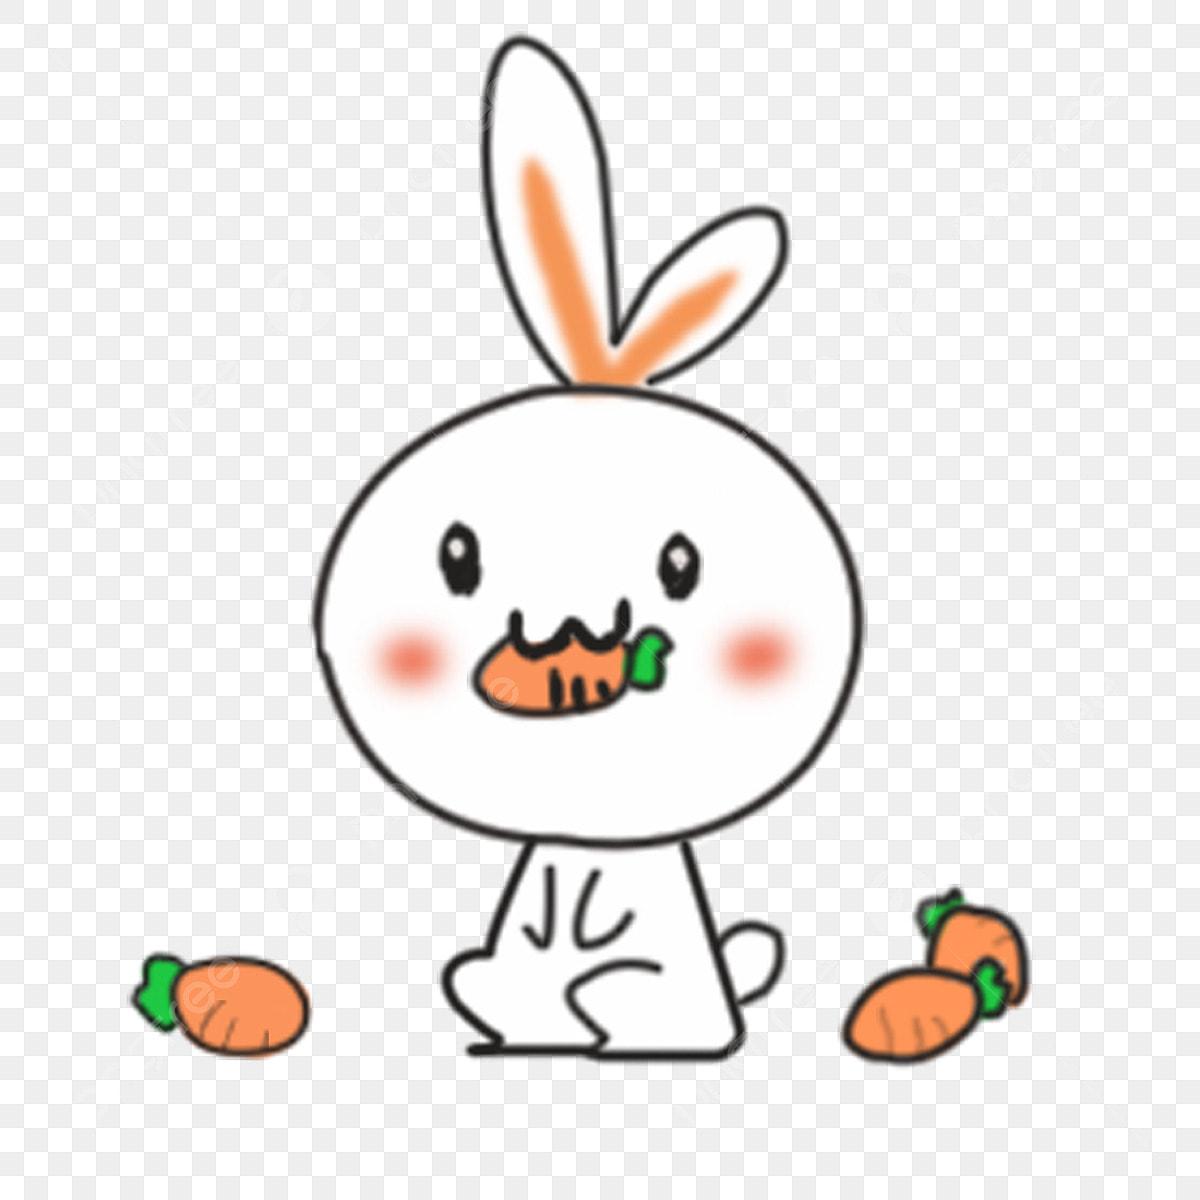 Conejito Come Zanahoria Zanahoria Conejo Dibujos Animados Png Y Psd Para Descargar Gratis Pngtree Numero de animaciones en esta categoria = 30. https es pngtree com freepng little rabbit eat carrot 507728 html